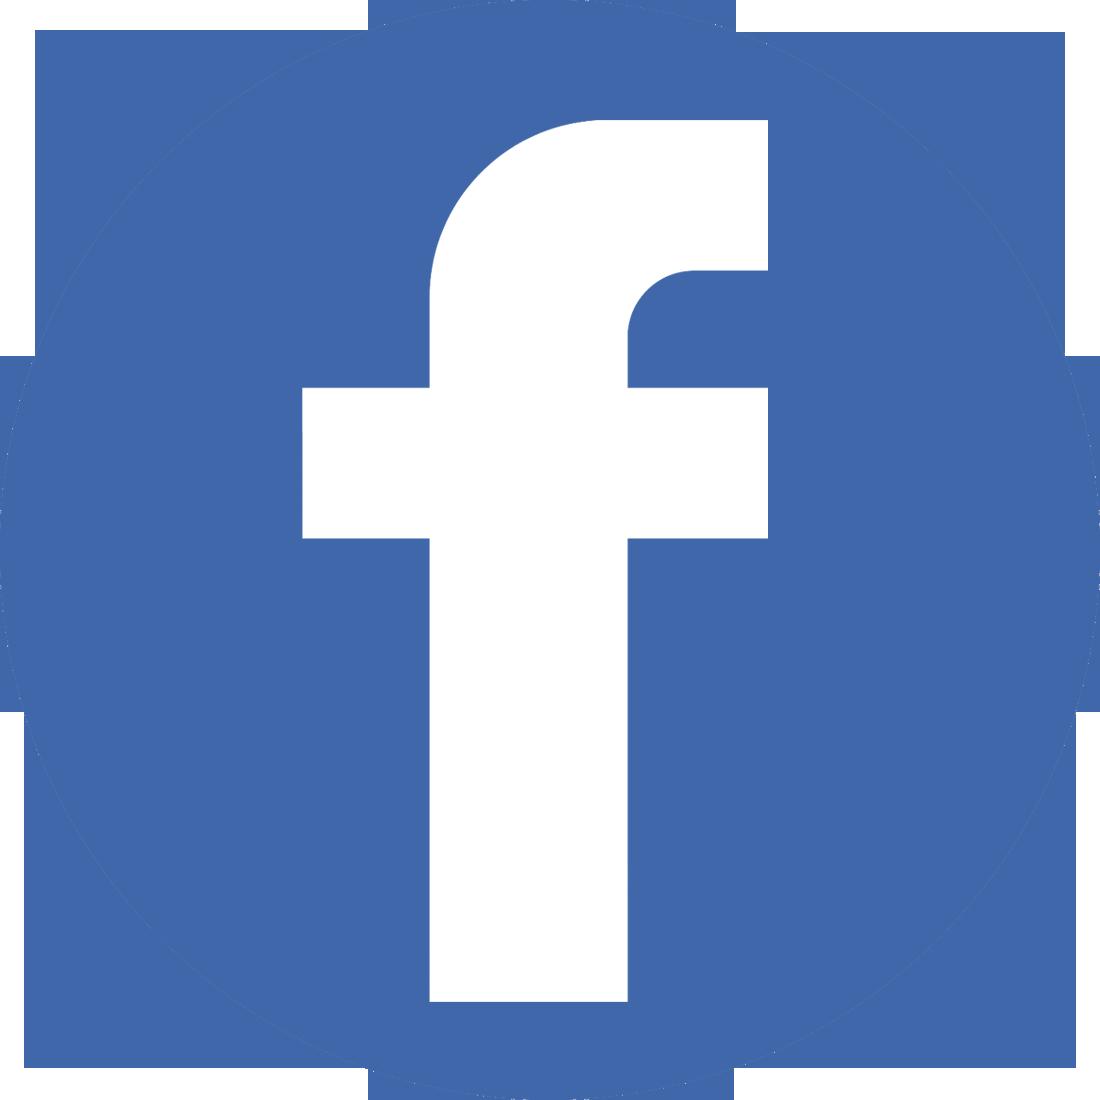 https://www.facebook.com/SolutionsAdvisement/